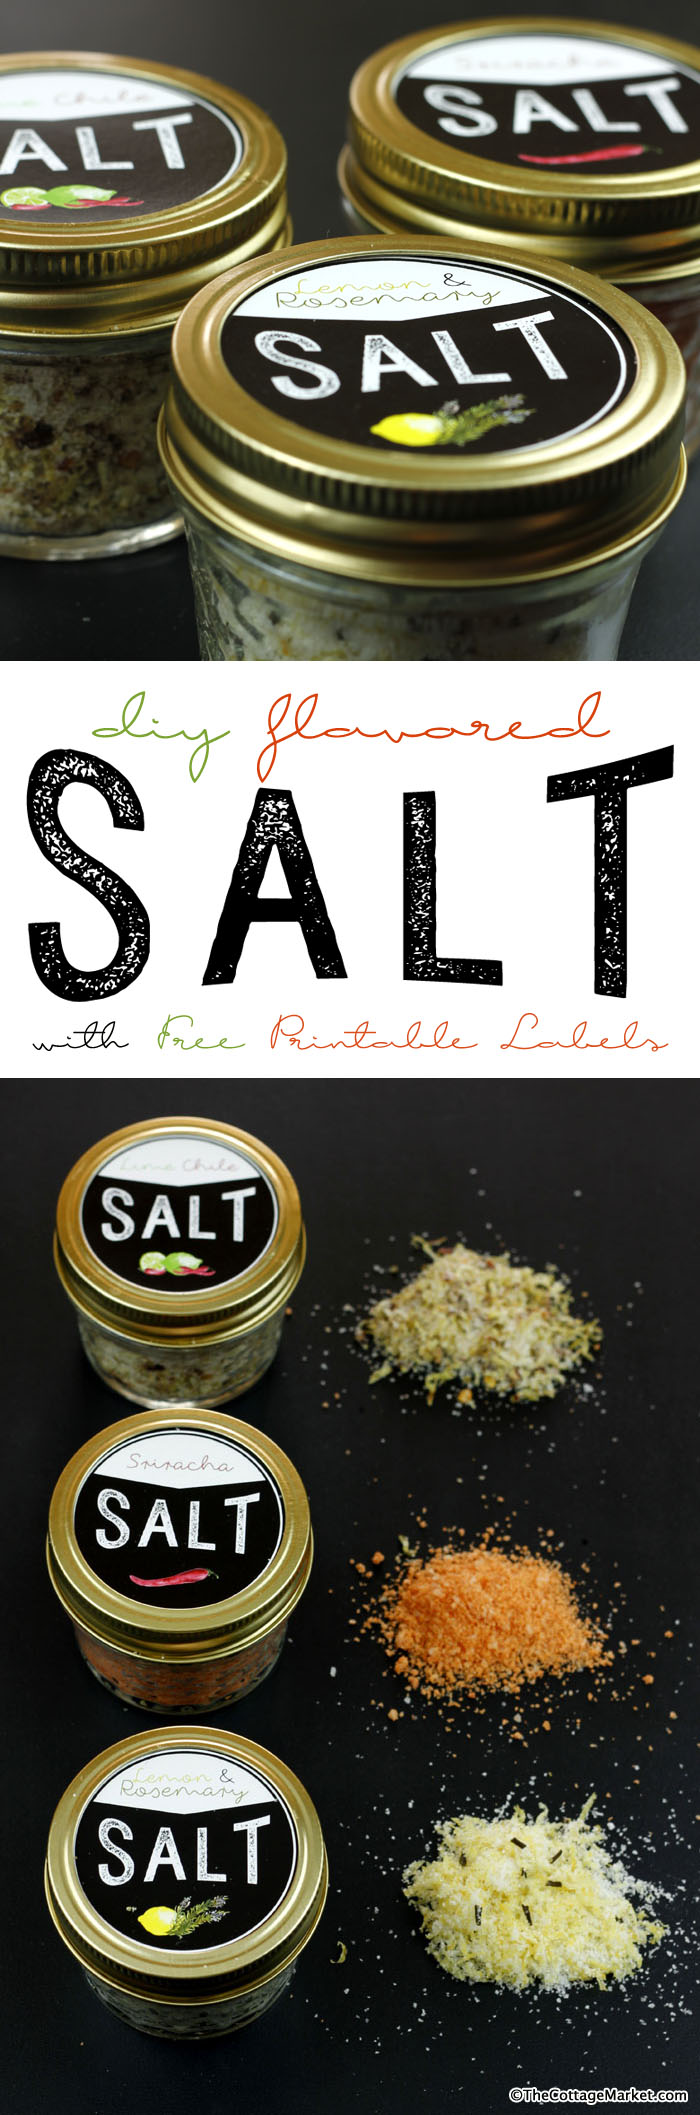 SALT-7